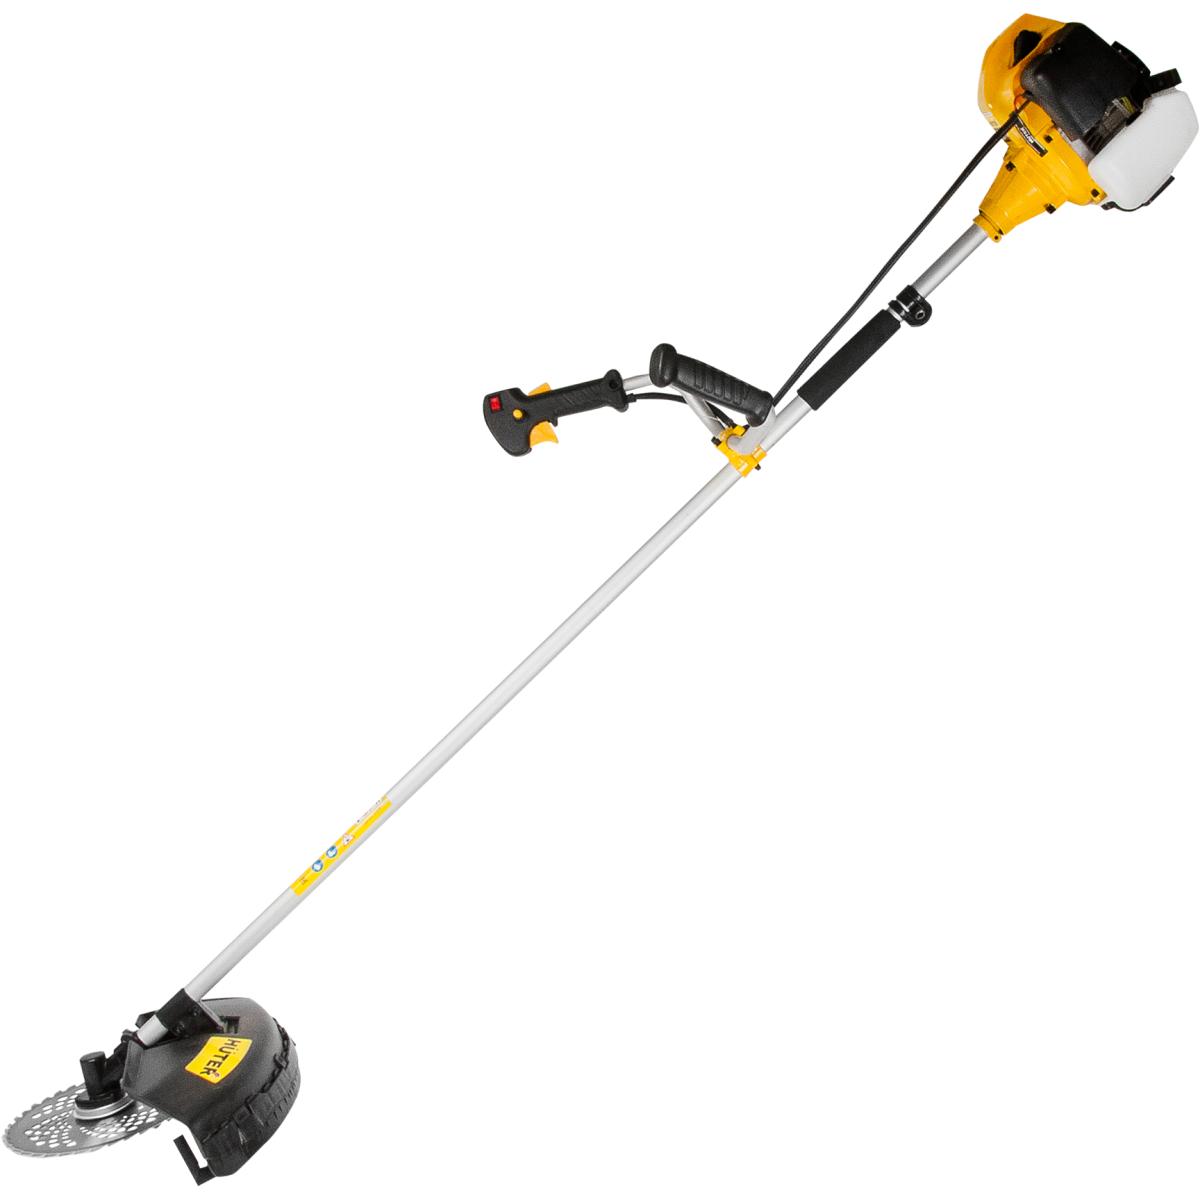 Триммер бензиновый Huter GGT-520Т 2300 Вт